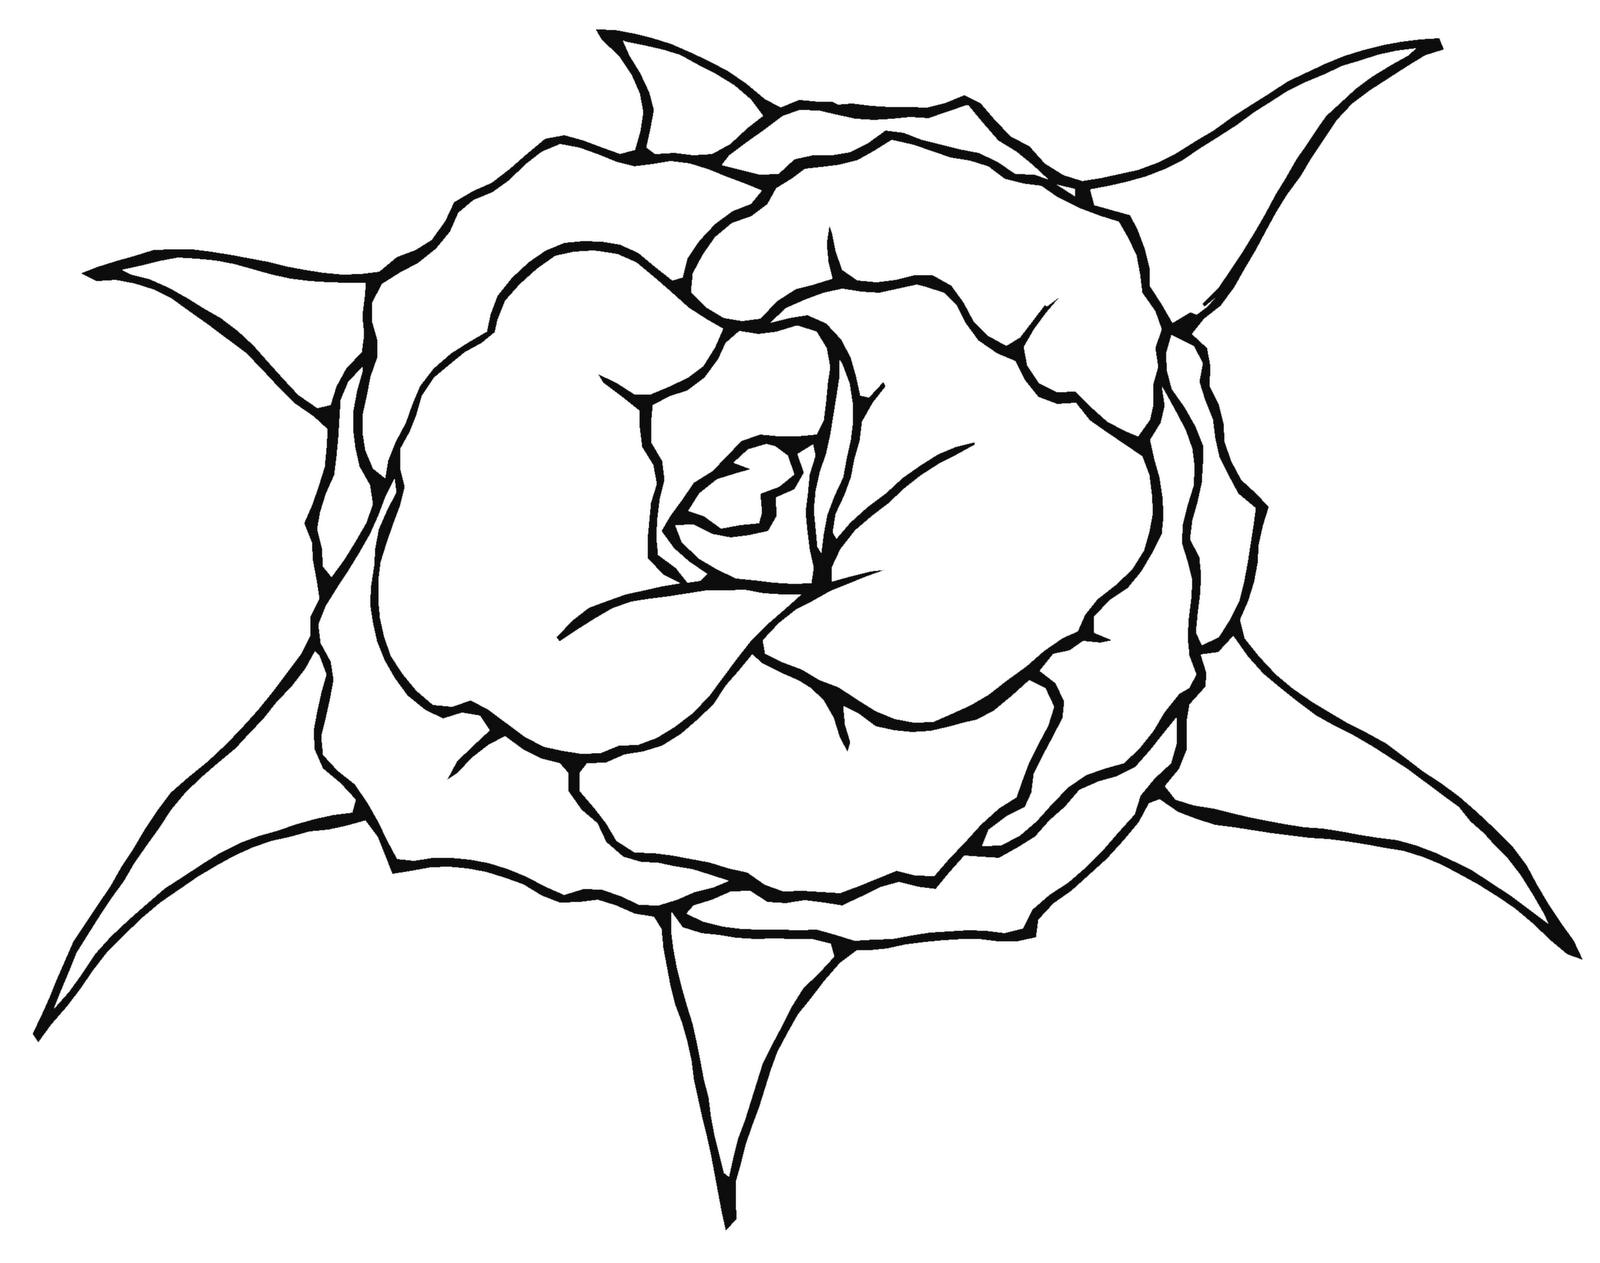 Line Art Rose Tattoo : Line art roses up for adoption reusage